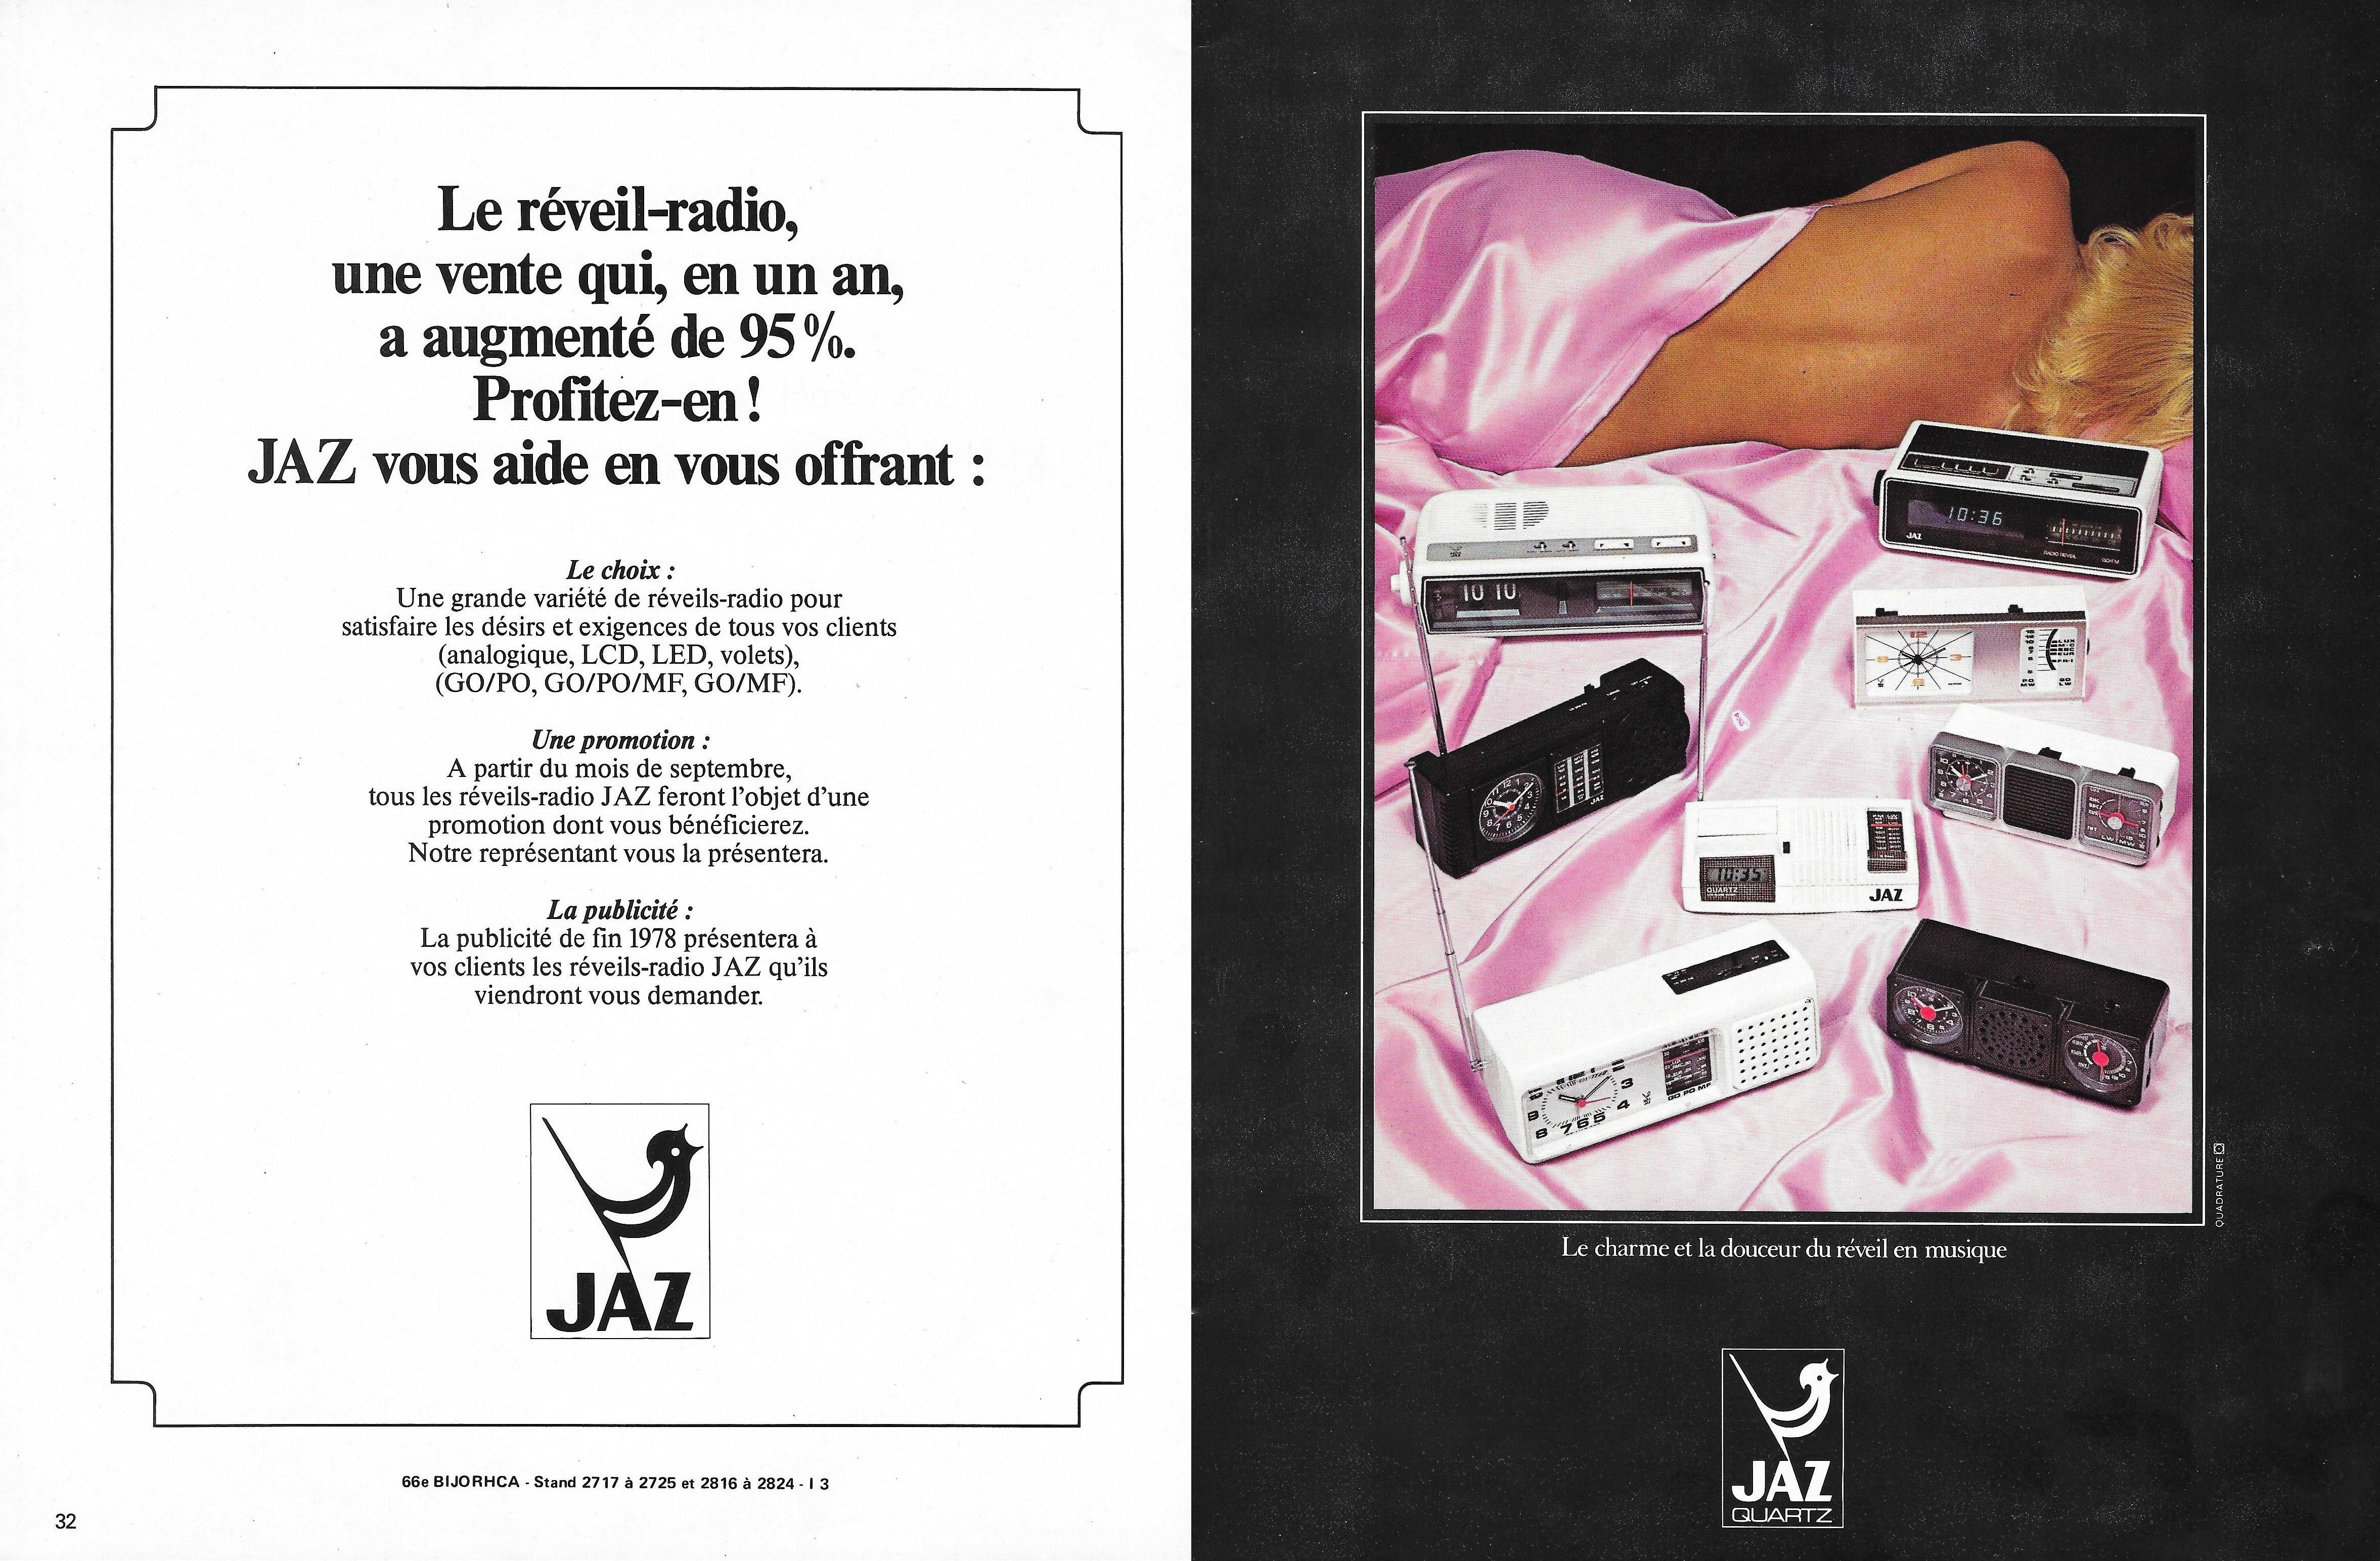 1978 La France Horlogère n°392 sept 78 réveils radio page 32 et 33